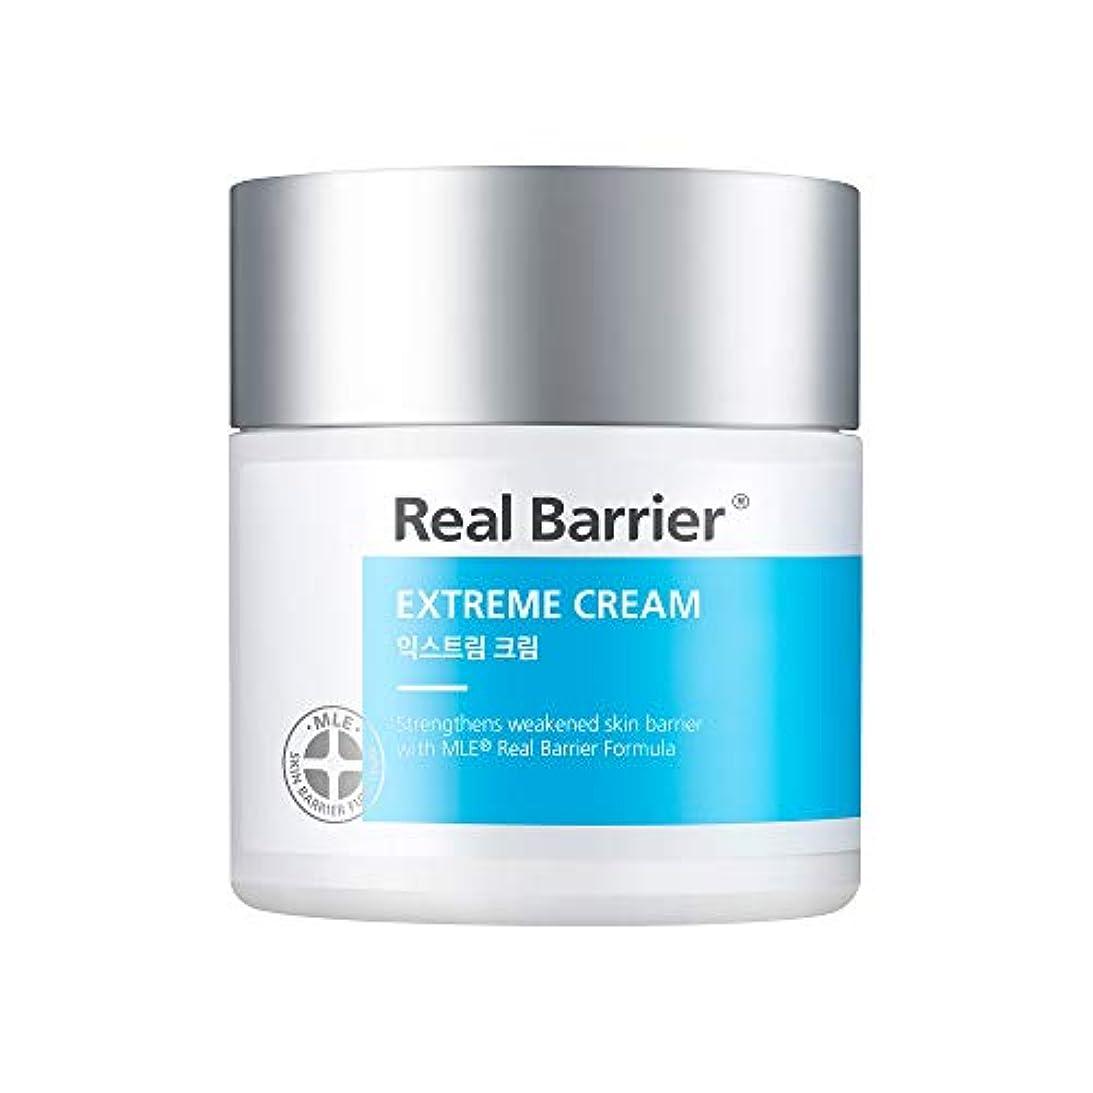 発明する感謝する範囲アトパーム(atopalm) リアルベリアエクストリームクリーム/Atopam Real Barrier Extreme Cream